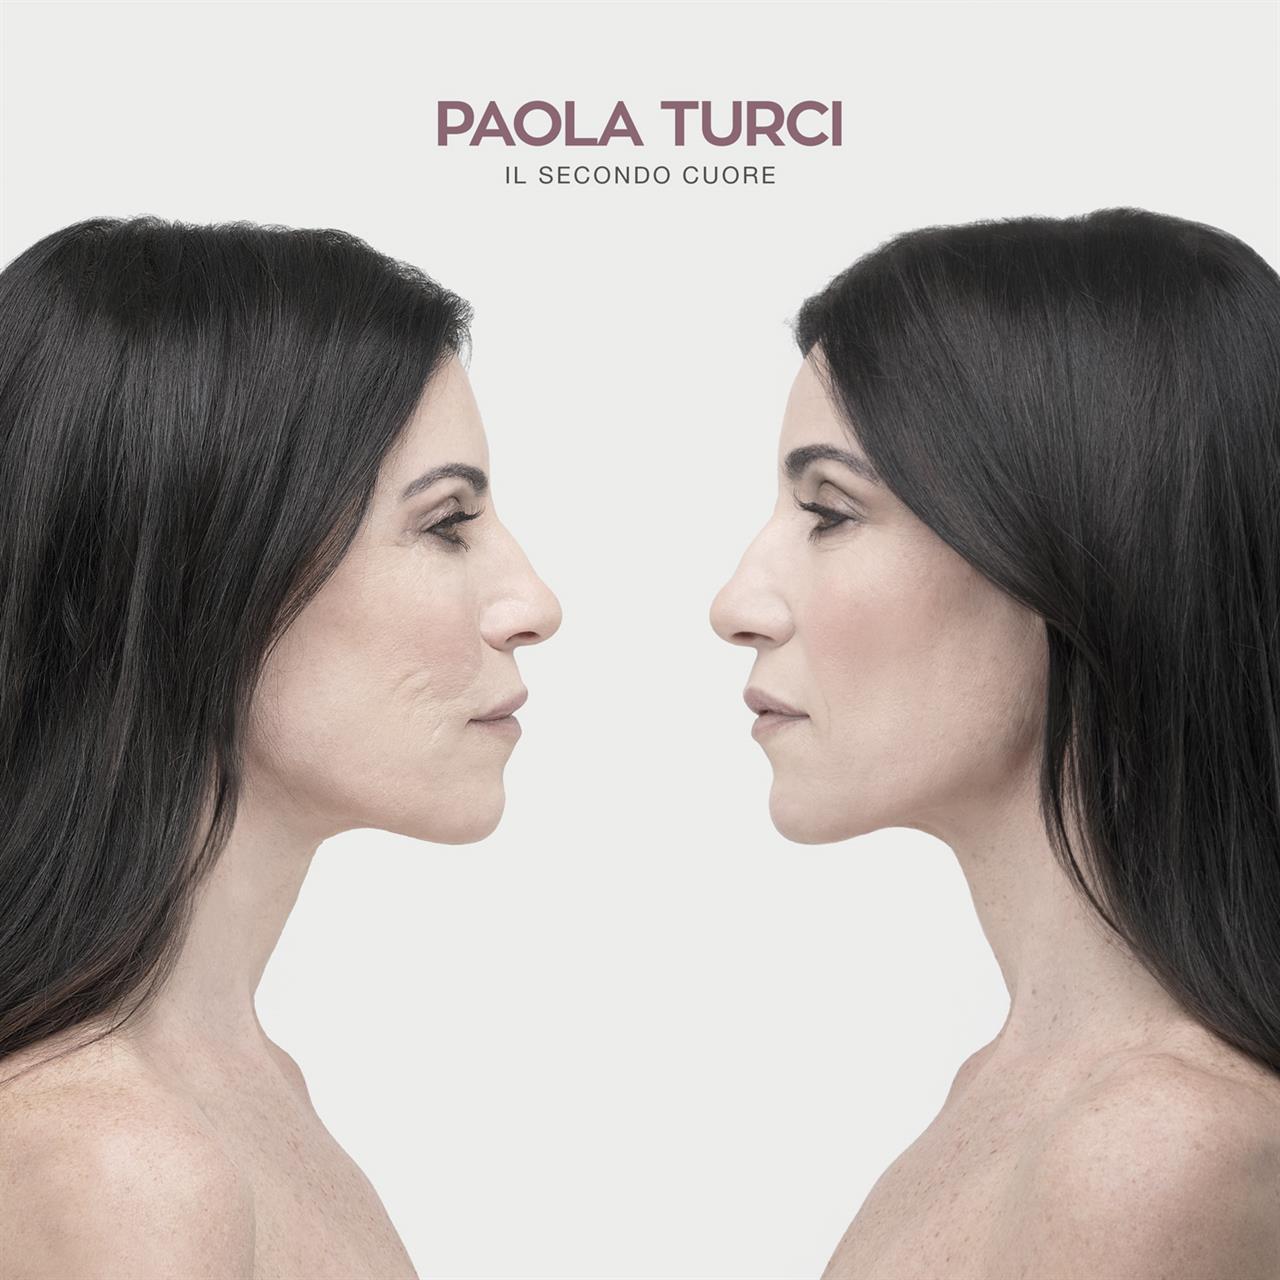 Paola Turci Il Secondo Cuore OK